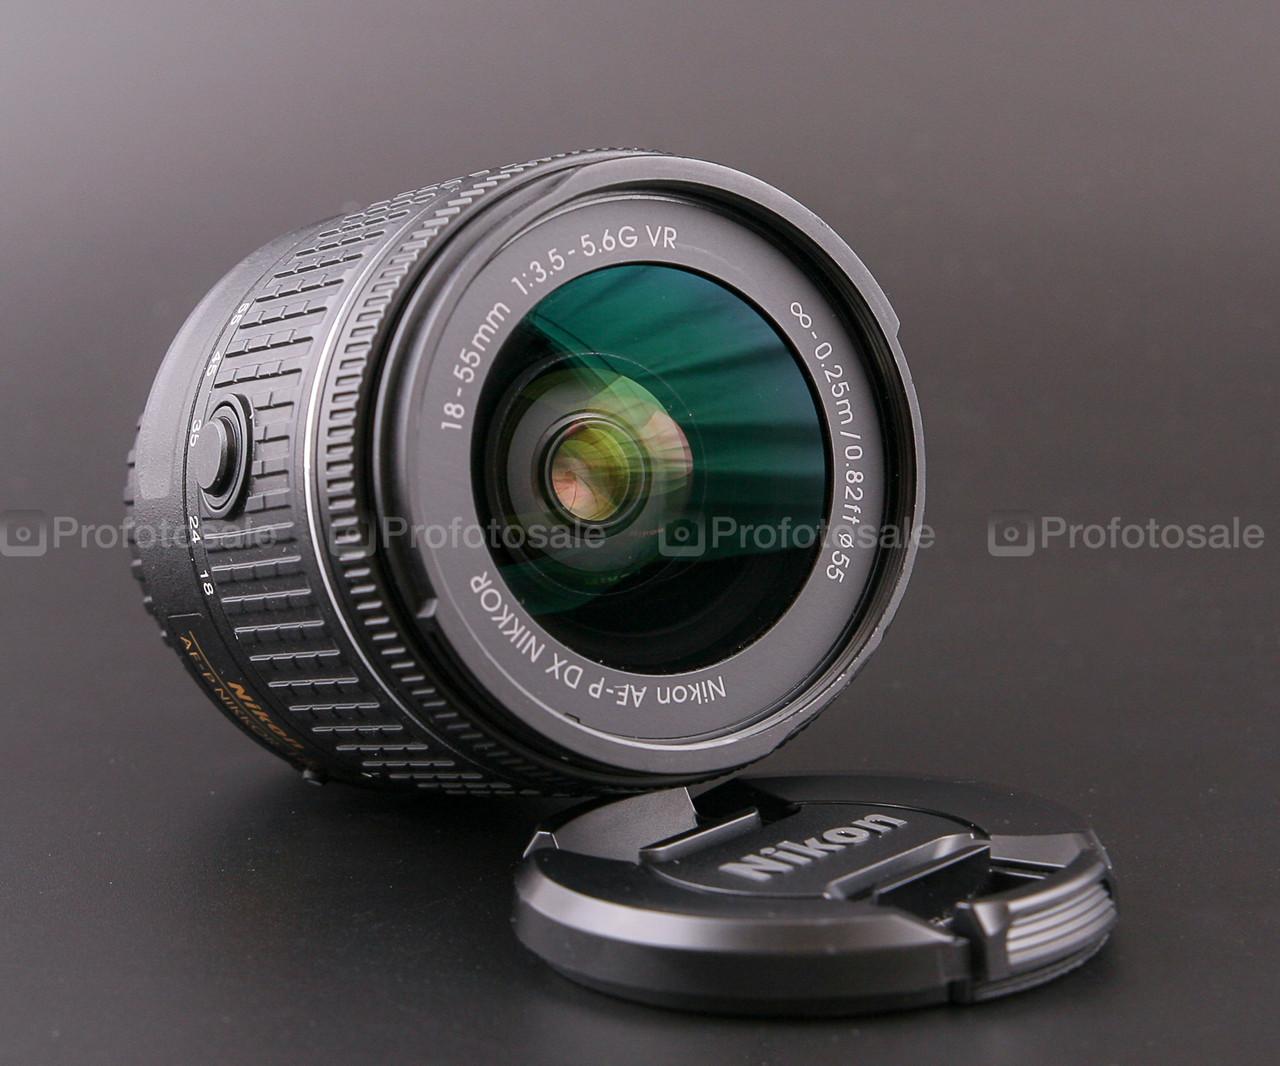 Nikon AF-P Nikkor 18-55mm f3.5-5.6 G